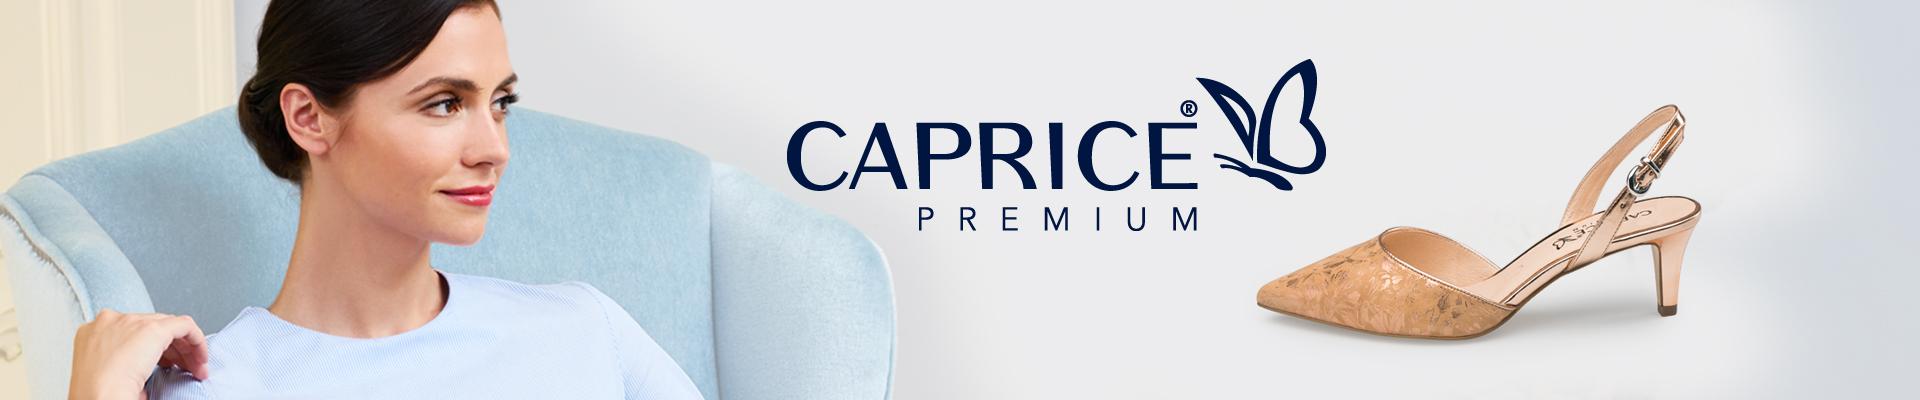 Caprice Premium